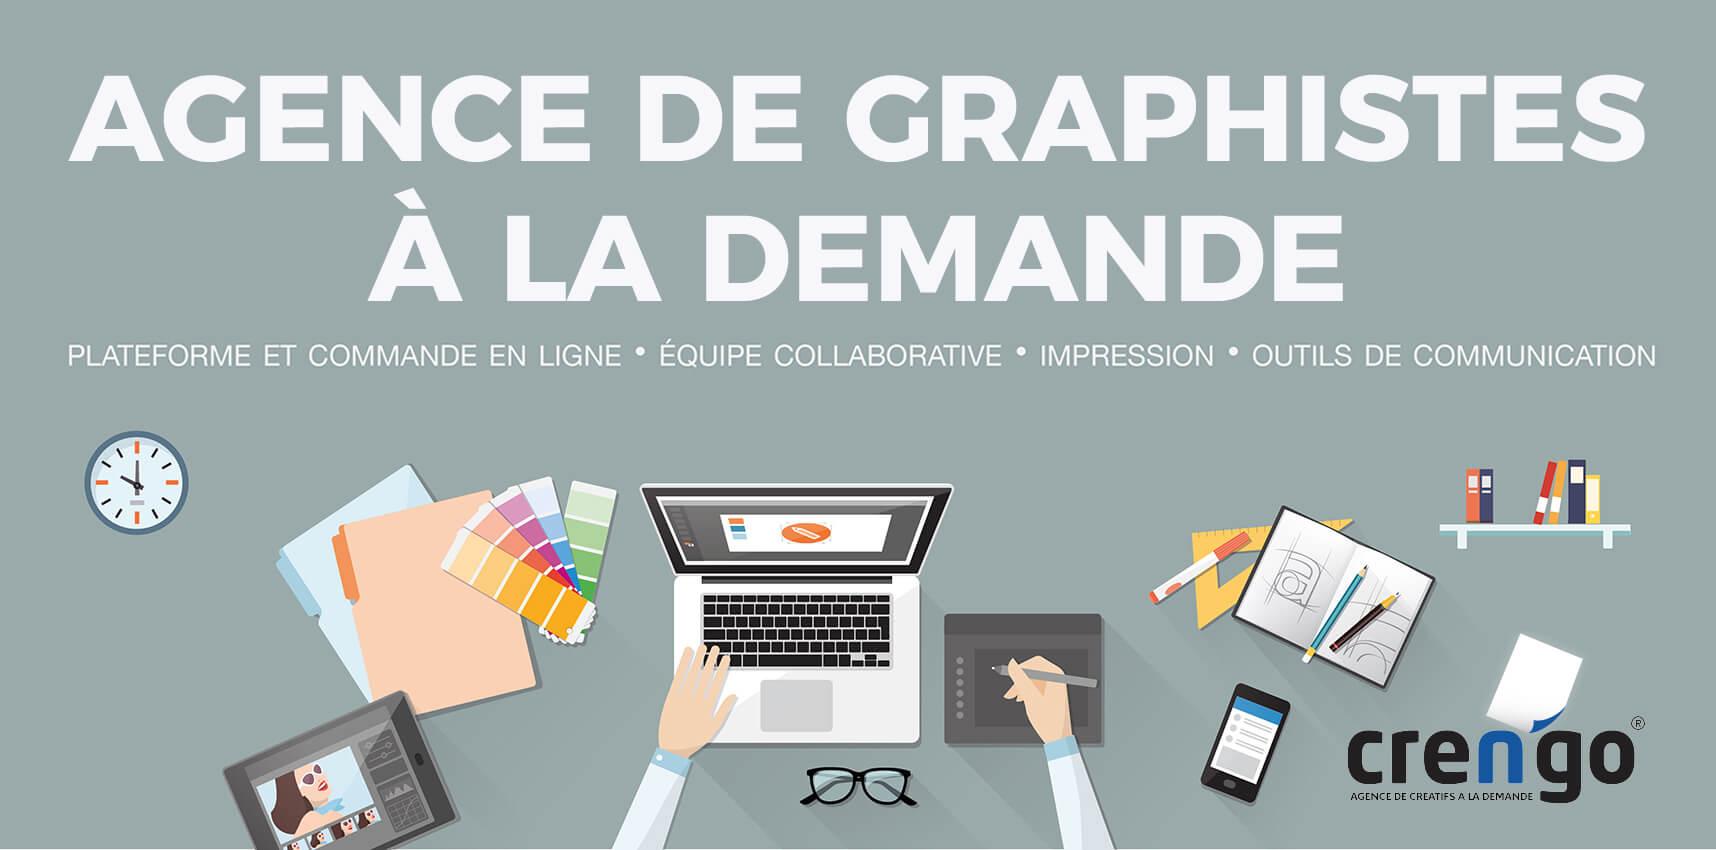 Crengo - plateforme de création graphique en ligne